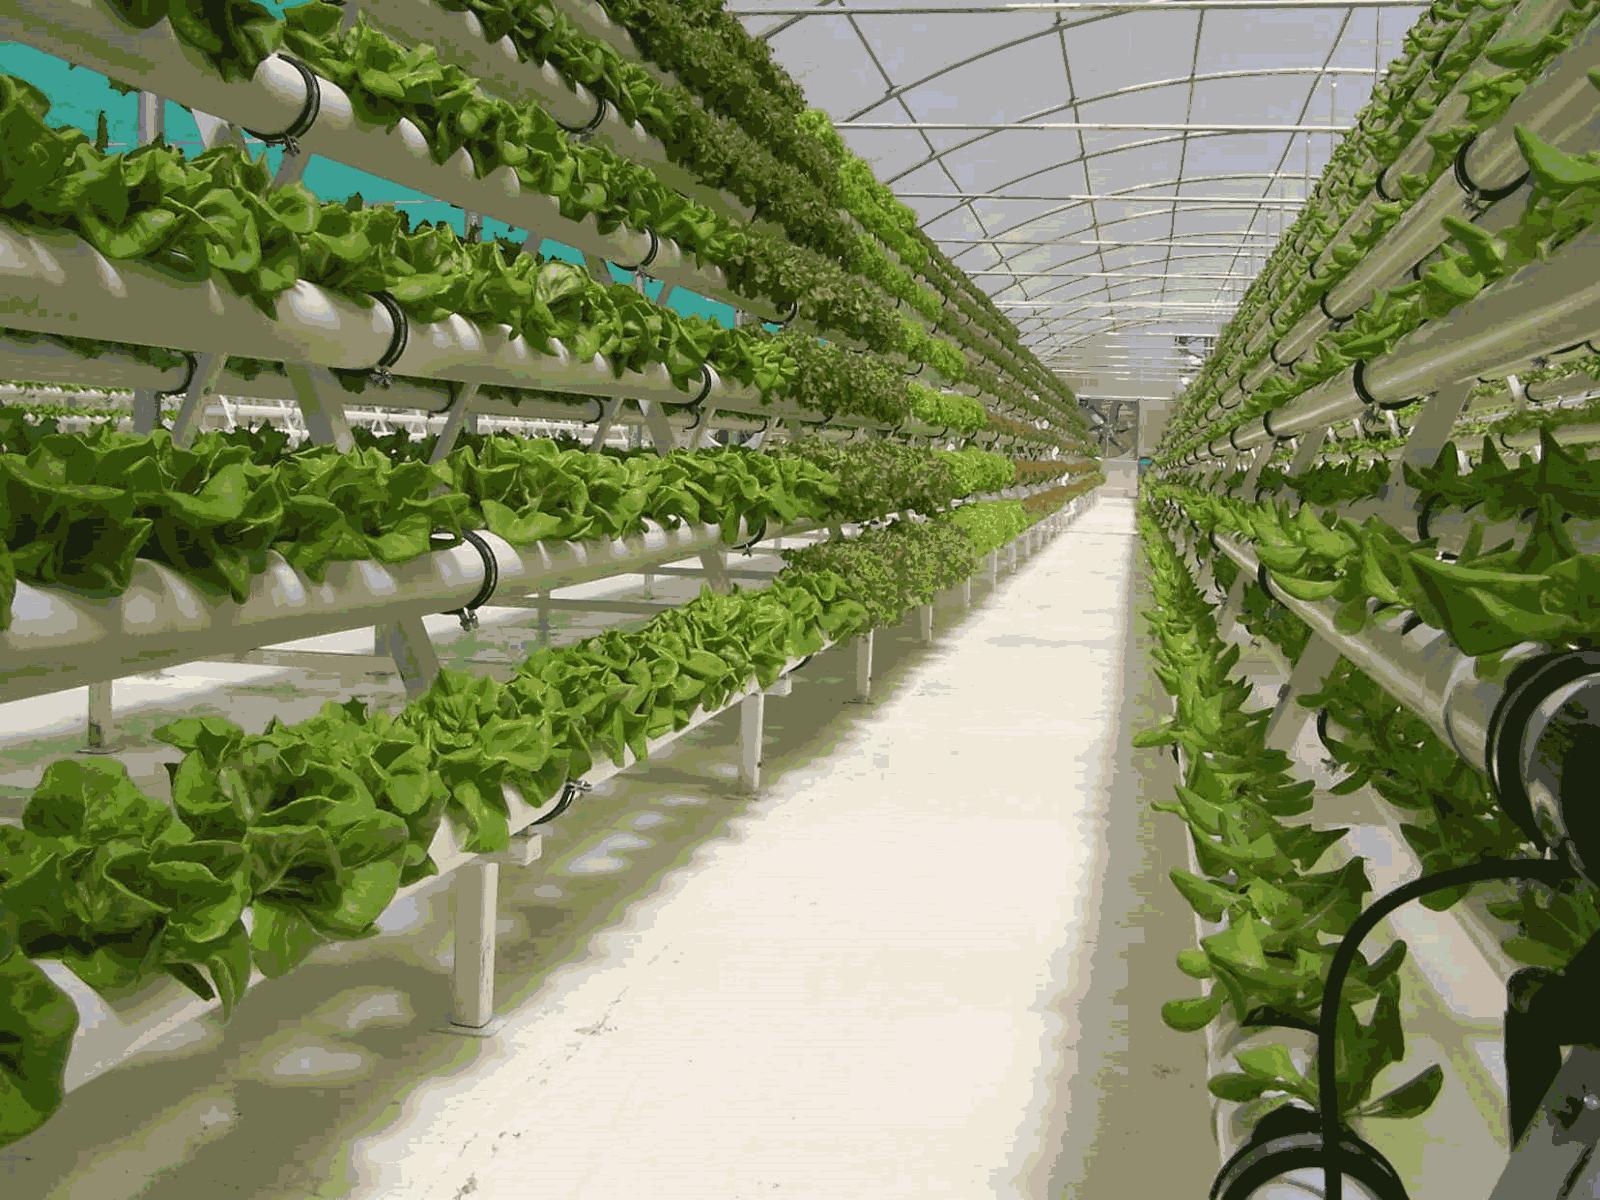 Kelebihan Dan Kekurangan Sayuran Hidroponik Di Dalam